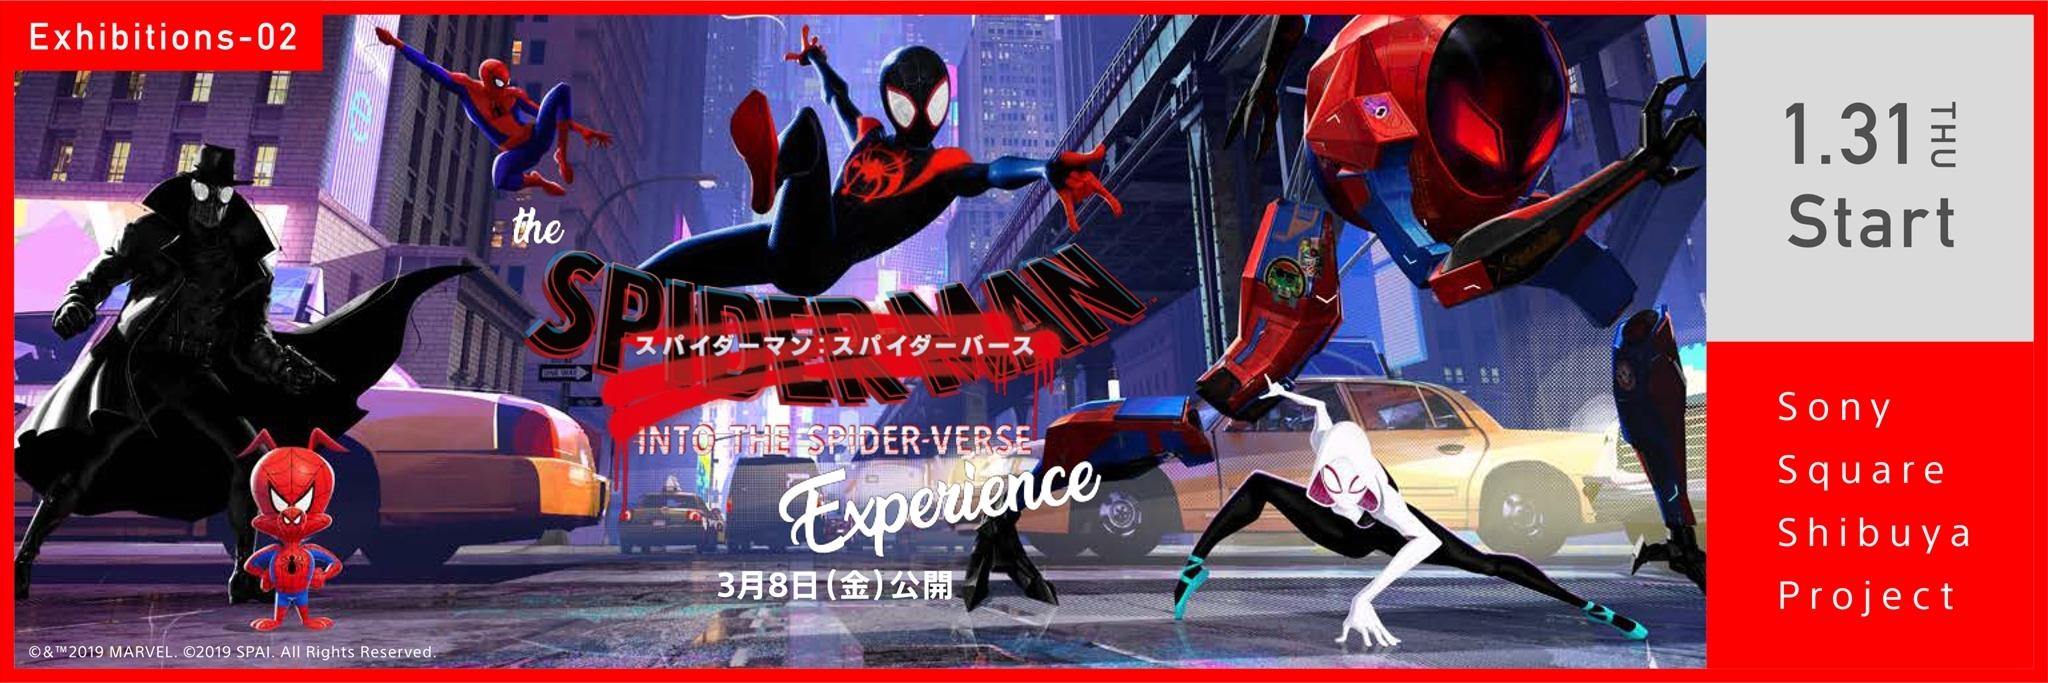 スパイダーマン スパイダーバース 振動 衝撃をリアル体験 渋谷に